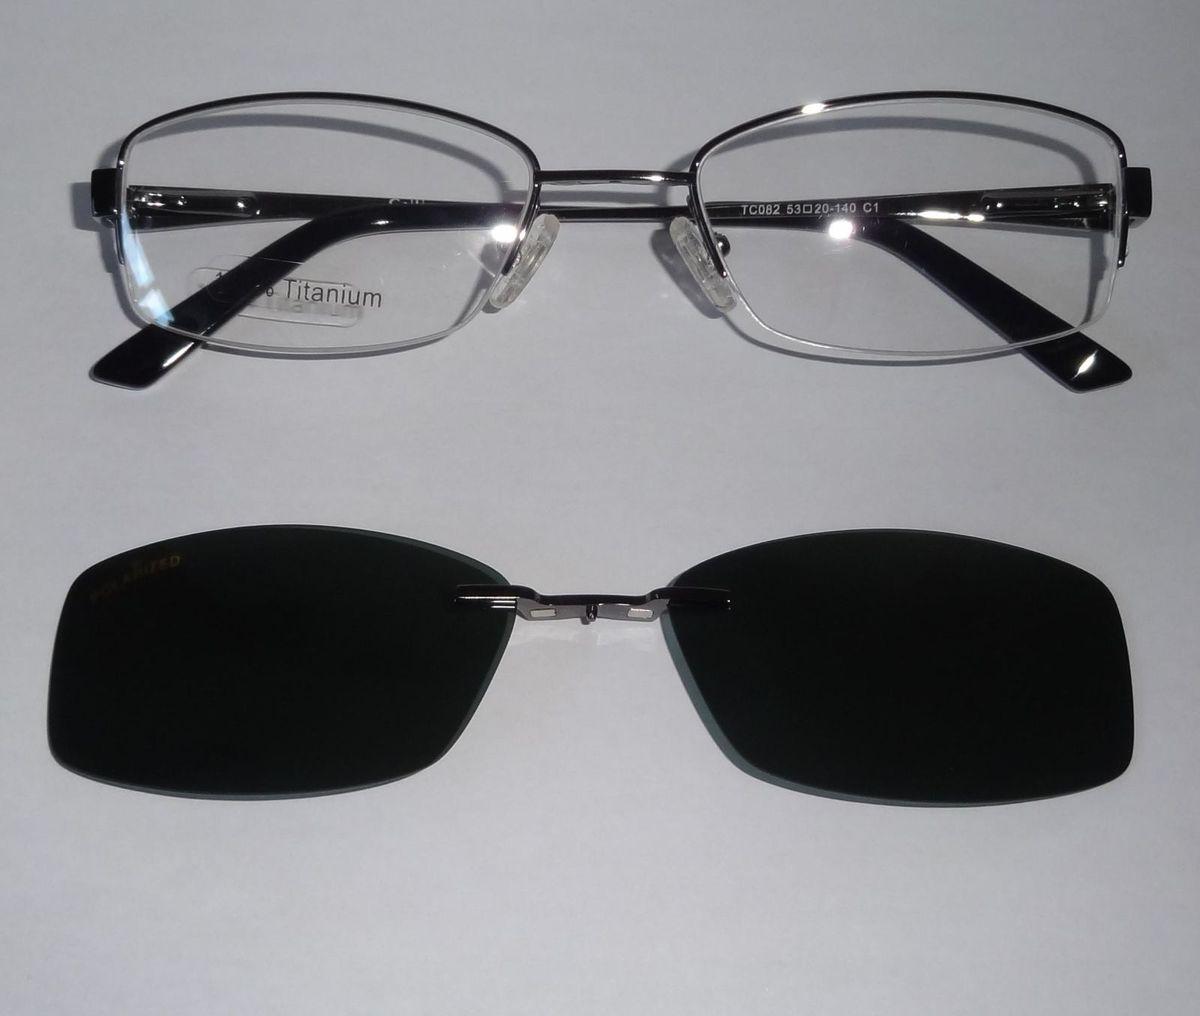 armação em titânio para grau com clipon uv polarizado - óculos sem marca 3ccc6fb6ae